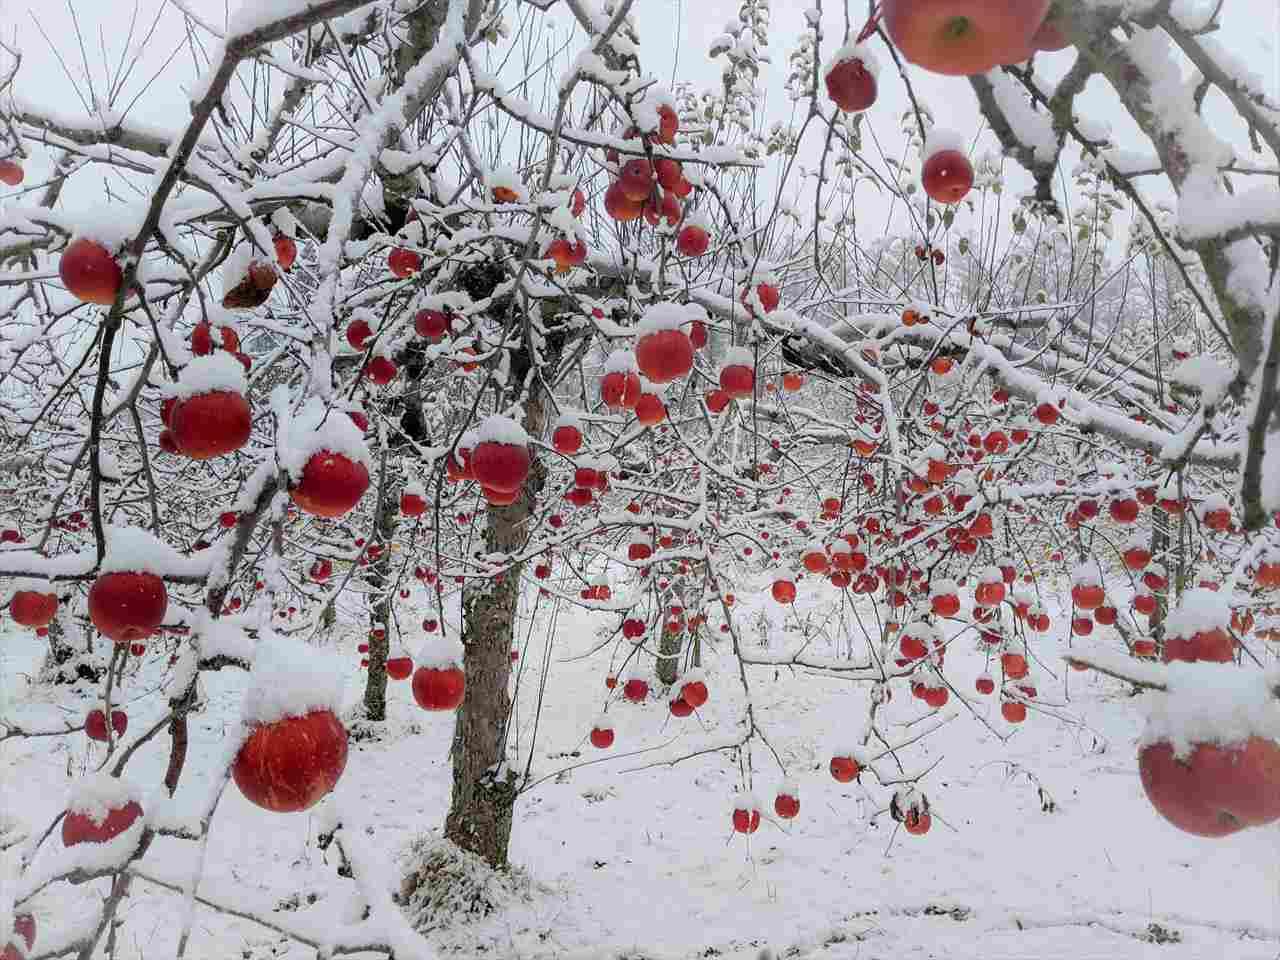 クリスマスの飾りかと思ったらリンゴだった(笑) 寒そうだけど可愛いリンゴたちが話題に!